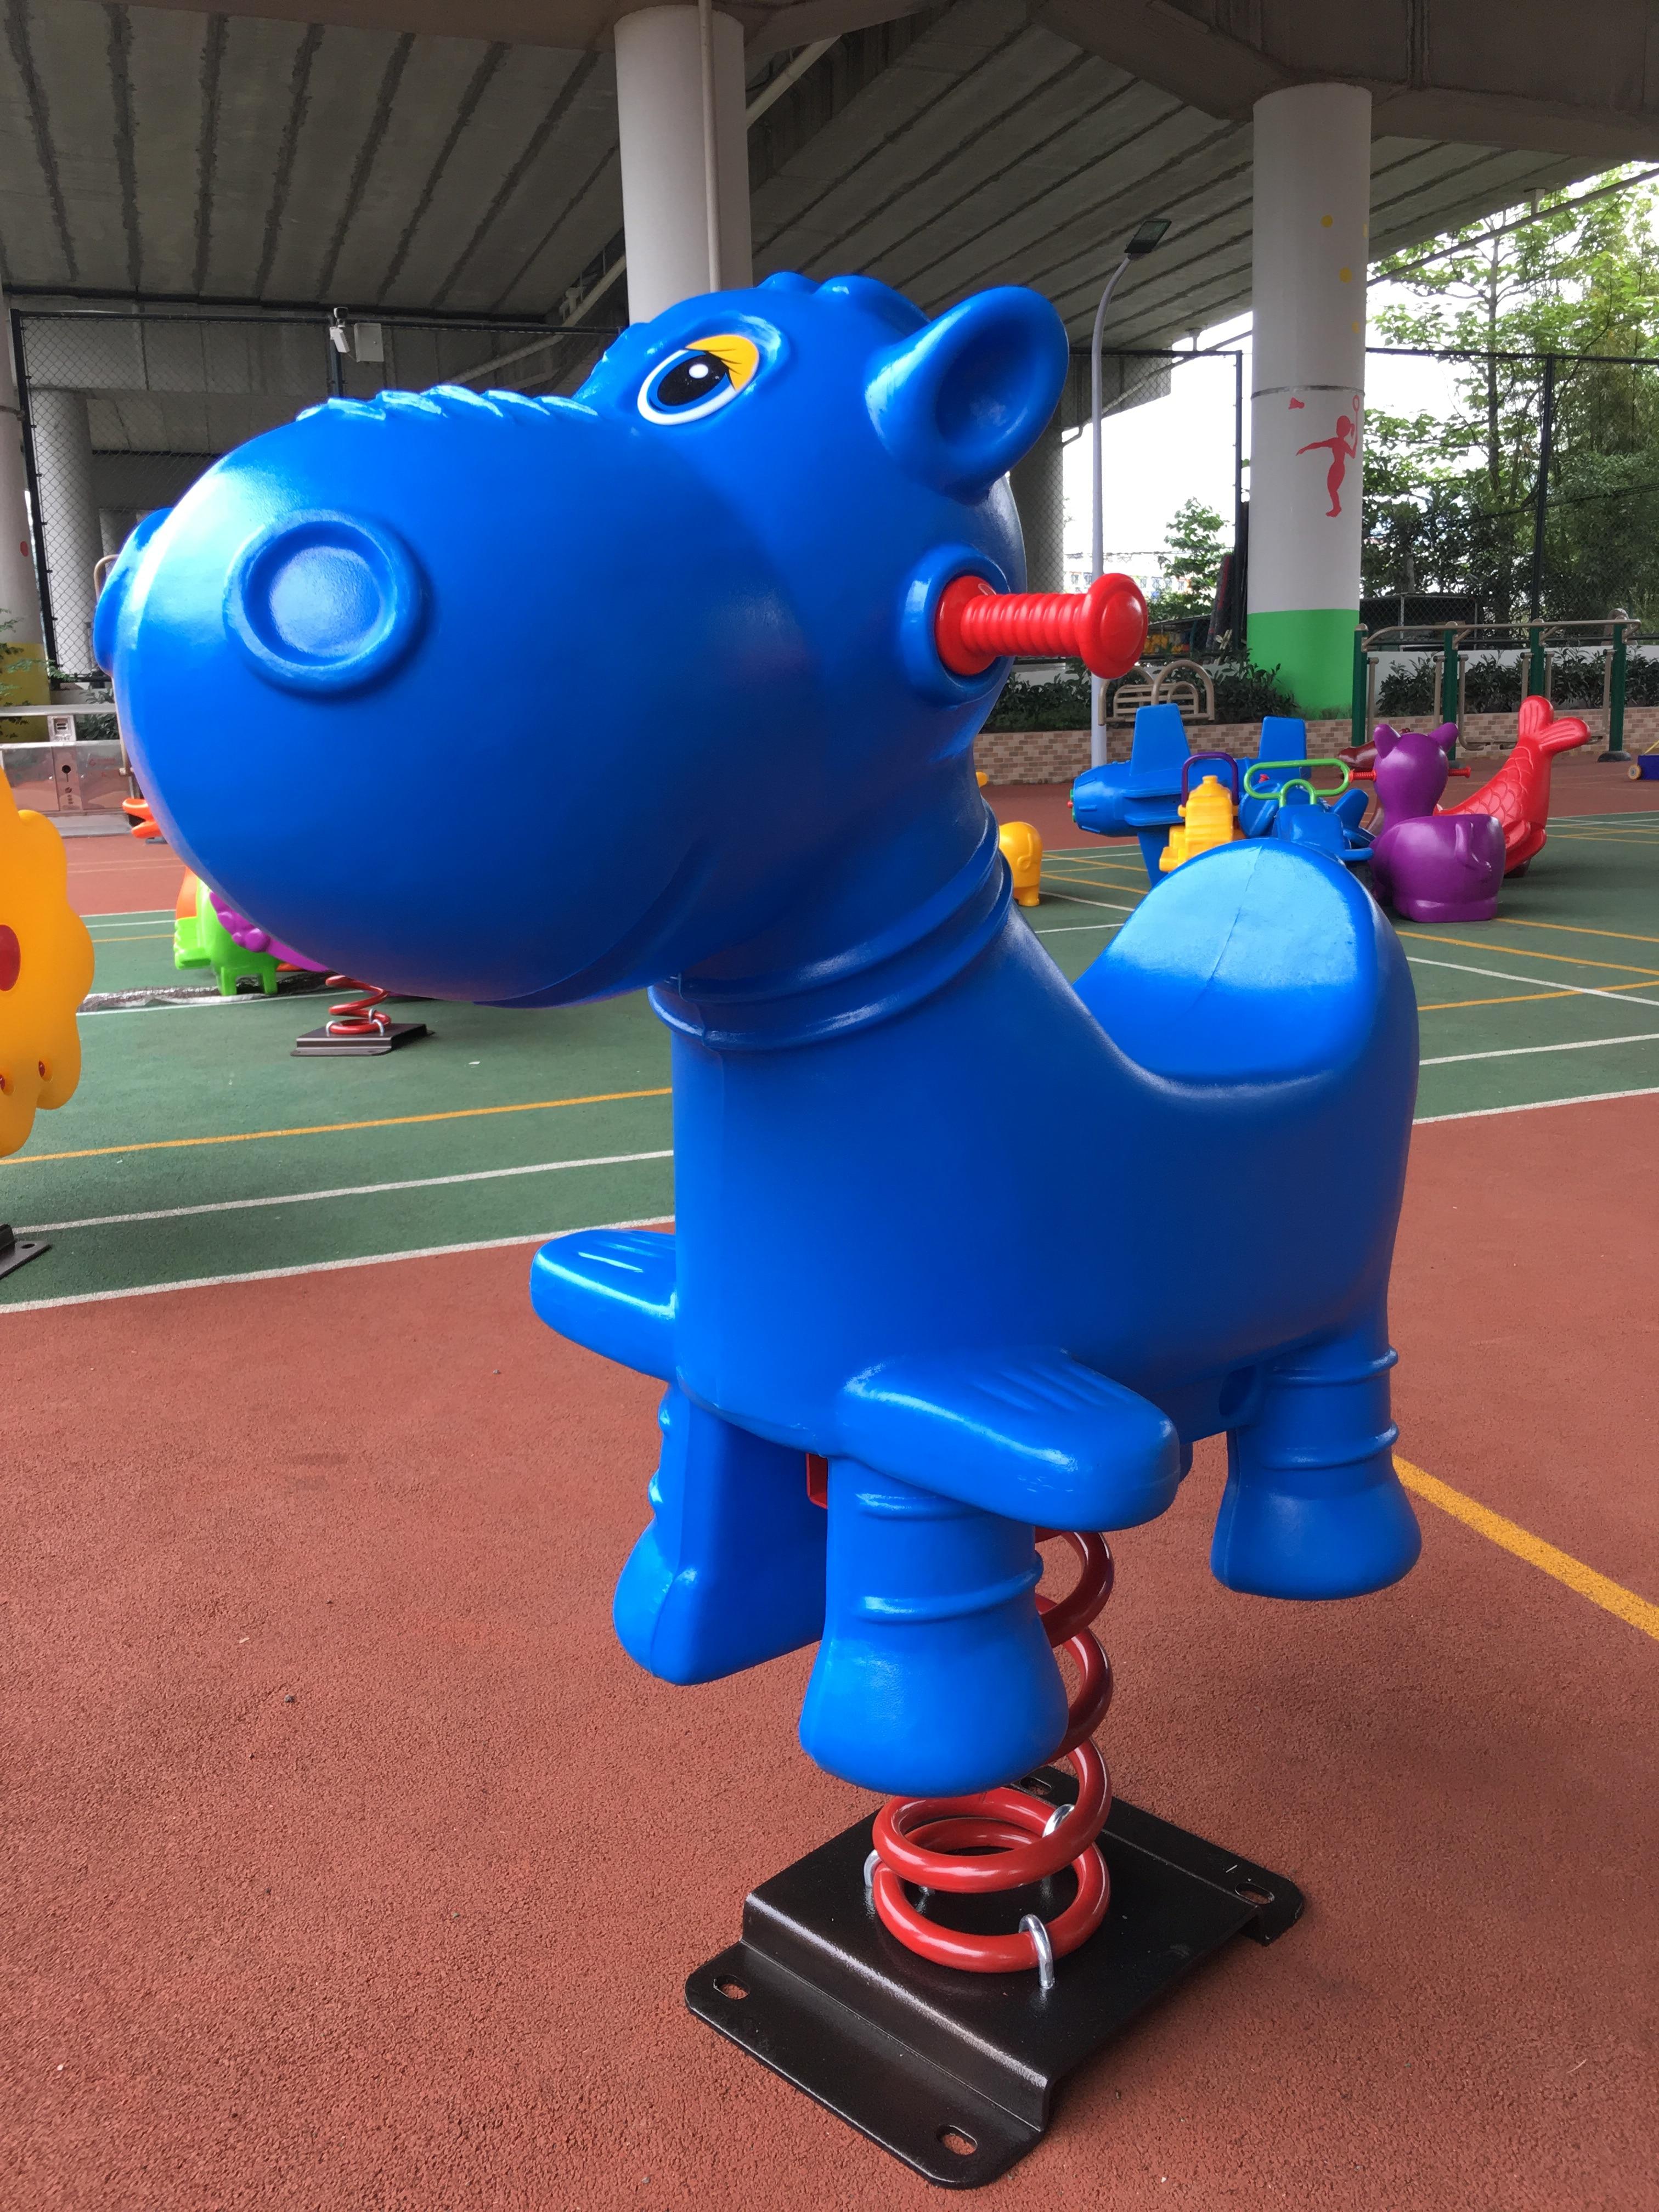 Passeio em brinquedos cavalo crianças cavalo brinquedos para crianças de balanço cavalo equitação brinquedos saltando brinquedo animal hobby ao ar livre playground funil y25